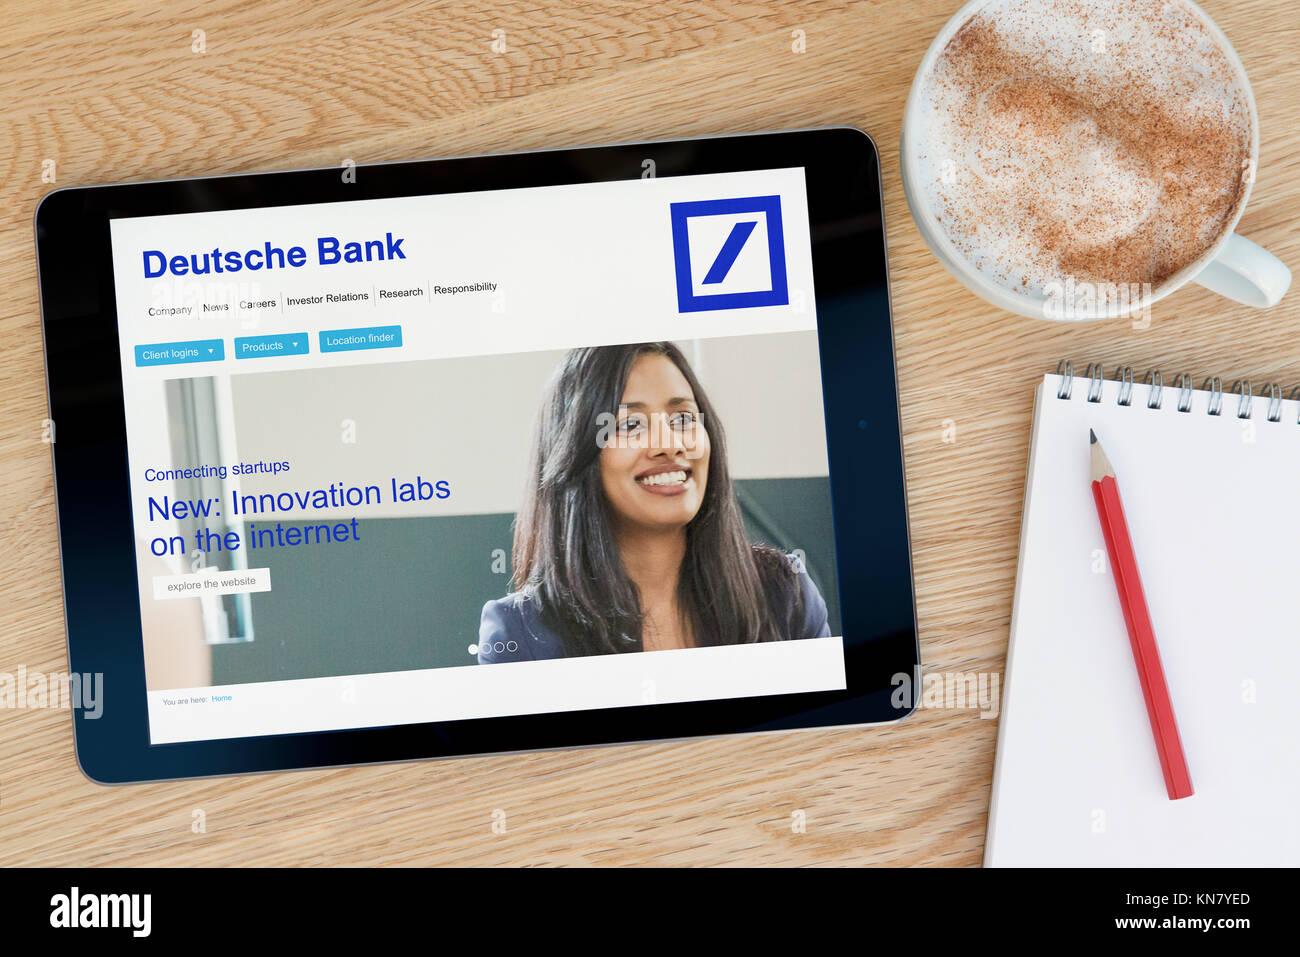 Die Deutsche Bank Website auf einem iPad Tablet Gerät, das auf einem Tisch liegt neben einem Notizblock und Stockbild